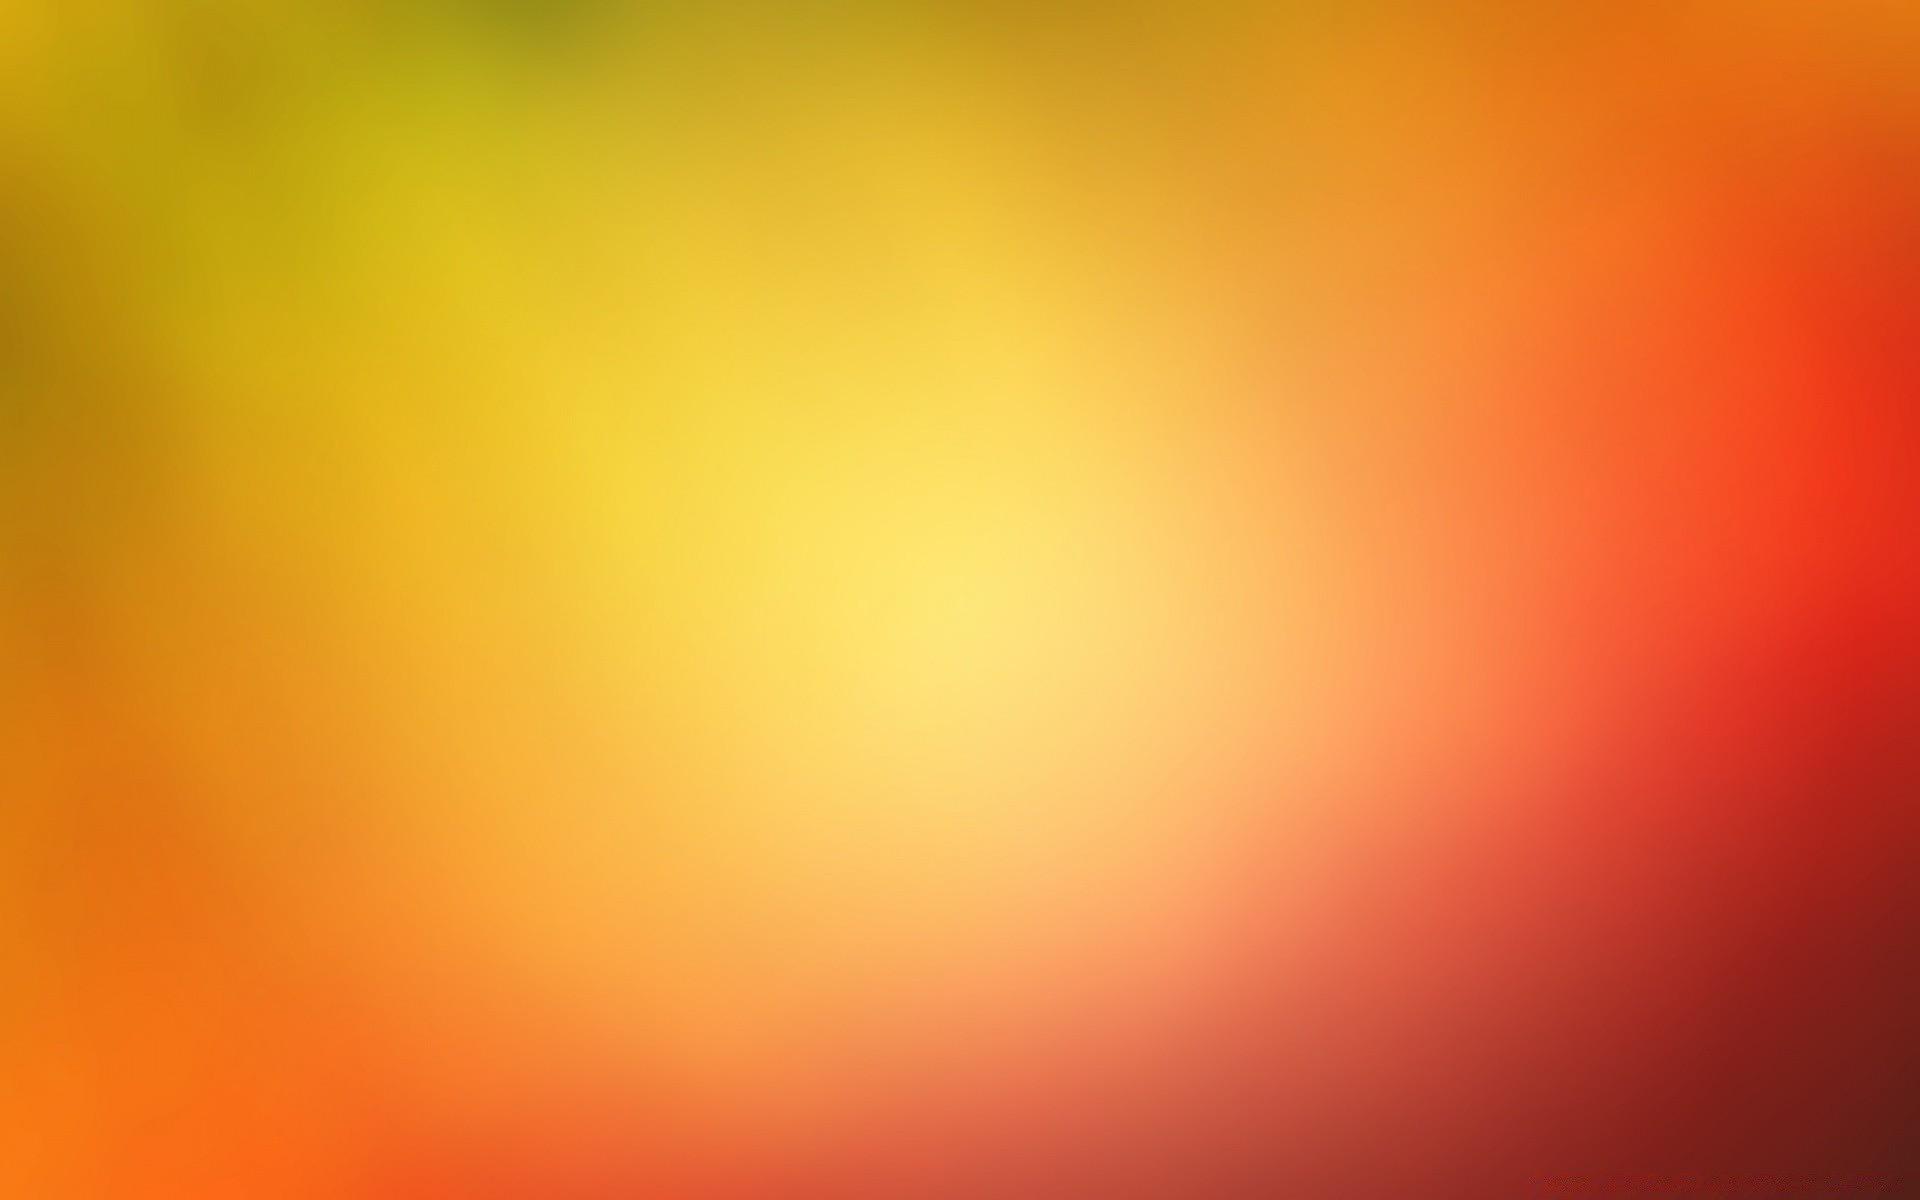 Фон в картинках однотонный